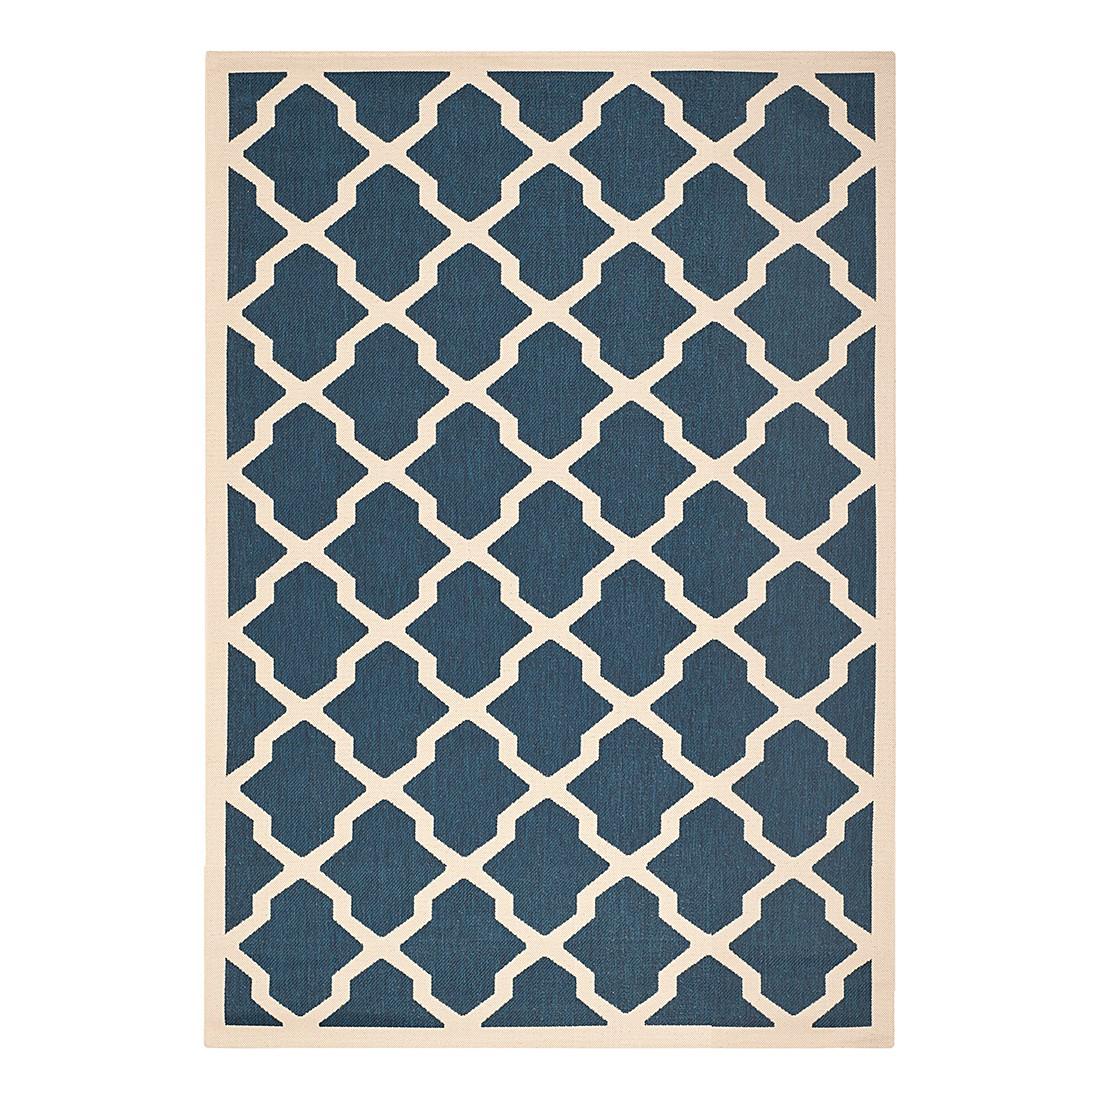 In-/Outdoorteppich Samanna – Marine/Beige – Maße: 121 x 170 cm, Safavieh online kaufen